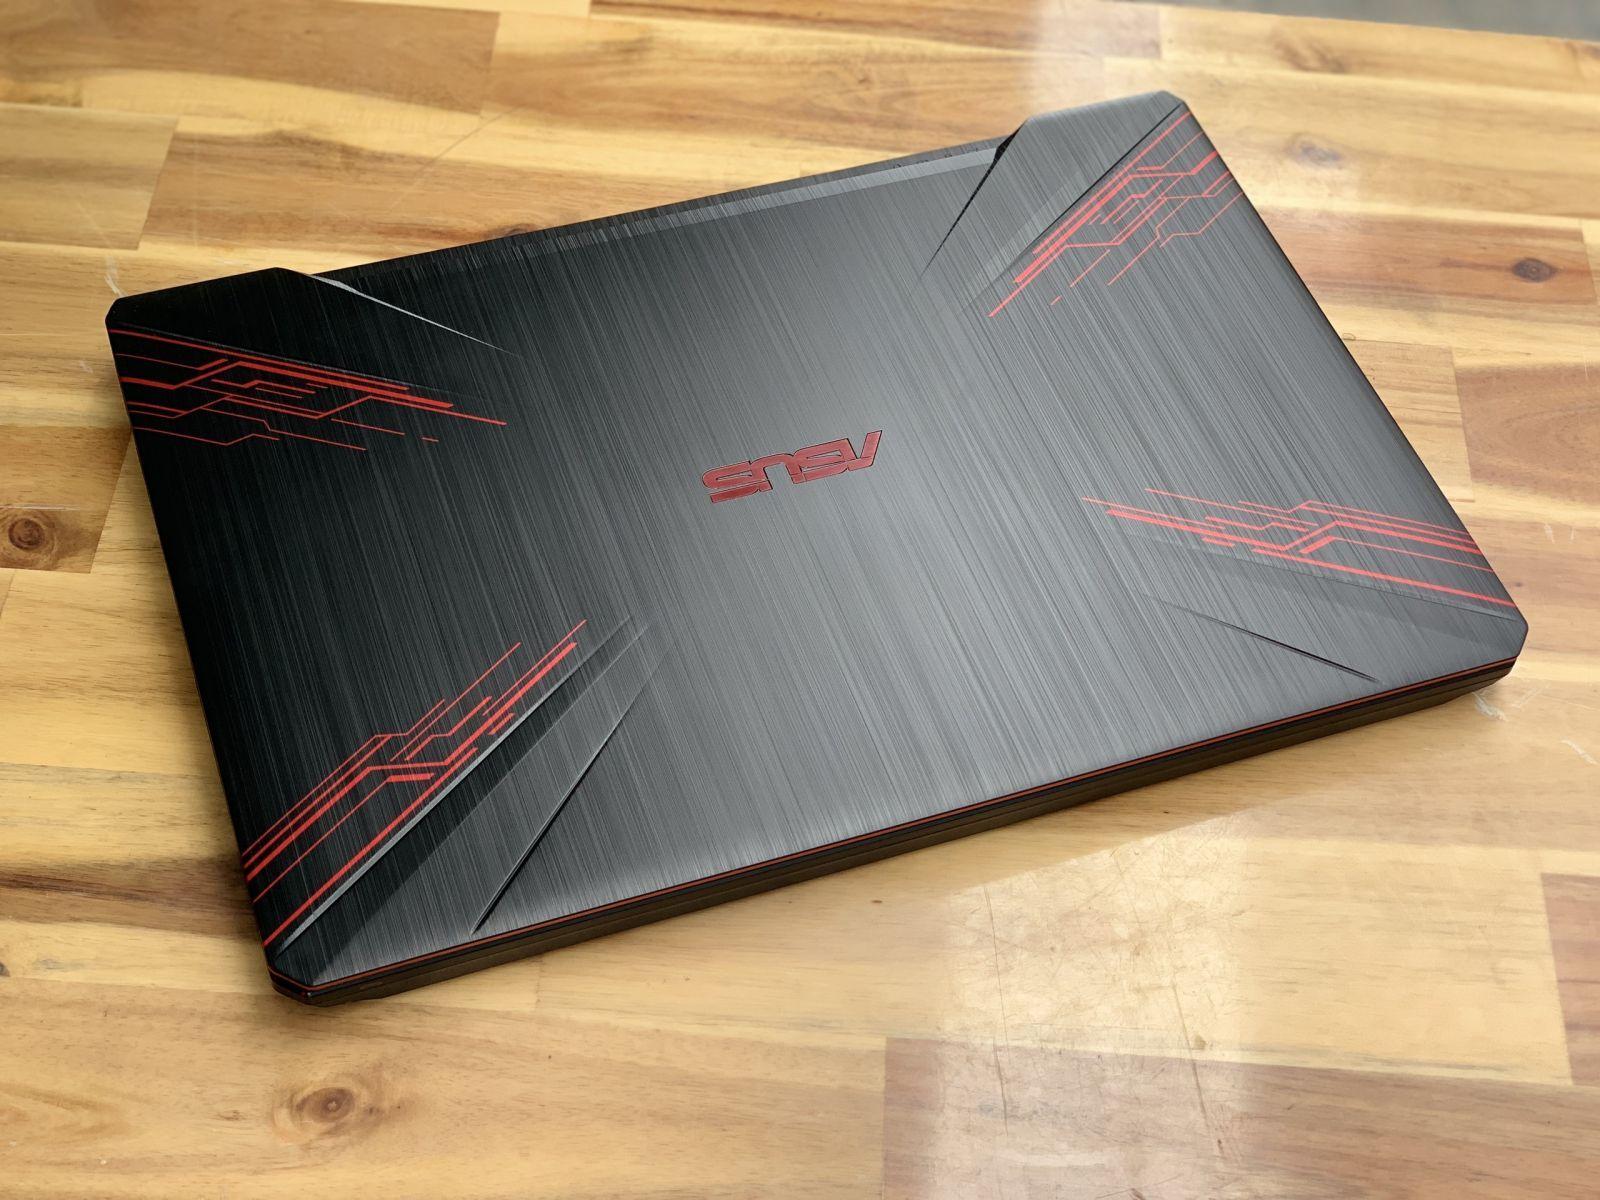 Mã Khuyến Mại tại Lazada cho Laptop Asus TUF FX504GE , I7 8750H 8G SSD128/1THDD GTX1050Ti Full HD Còn BH 10/2020 Giá Rẻ